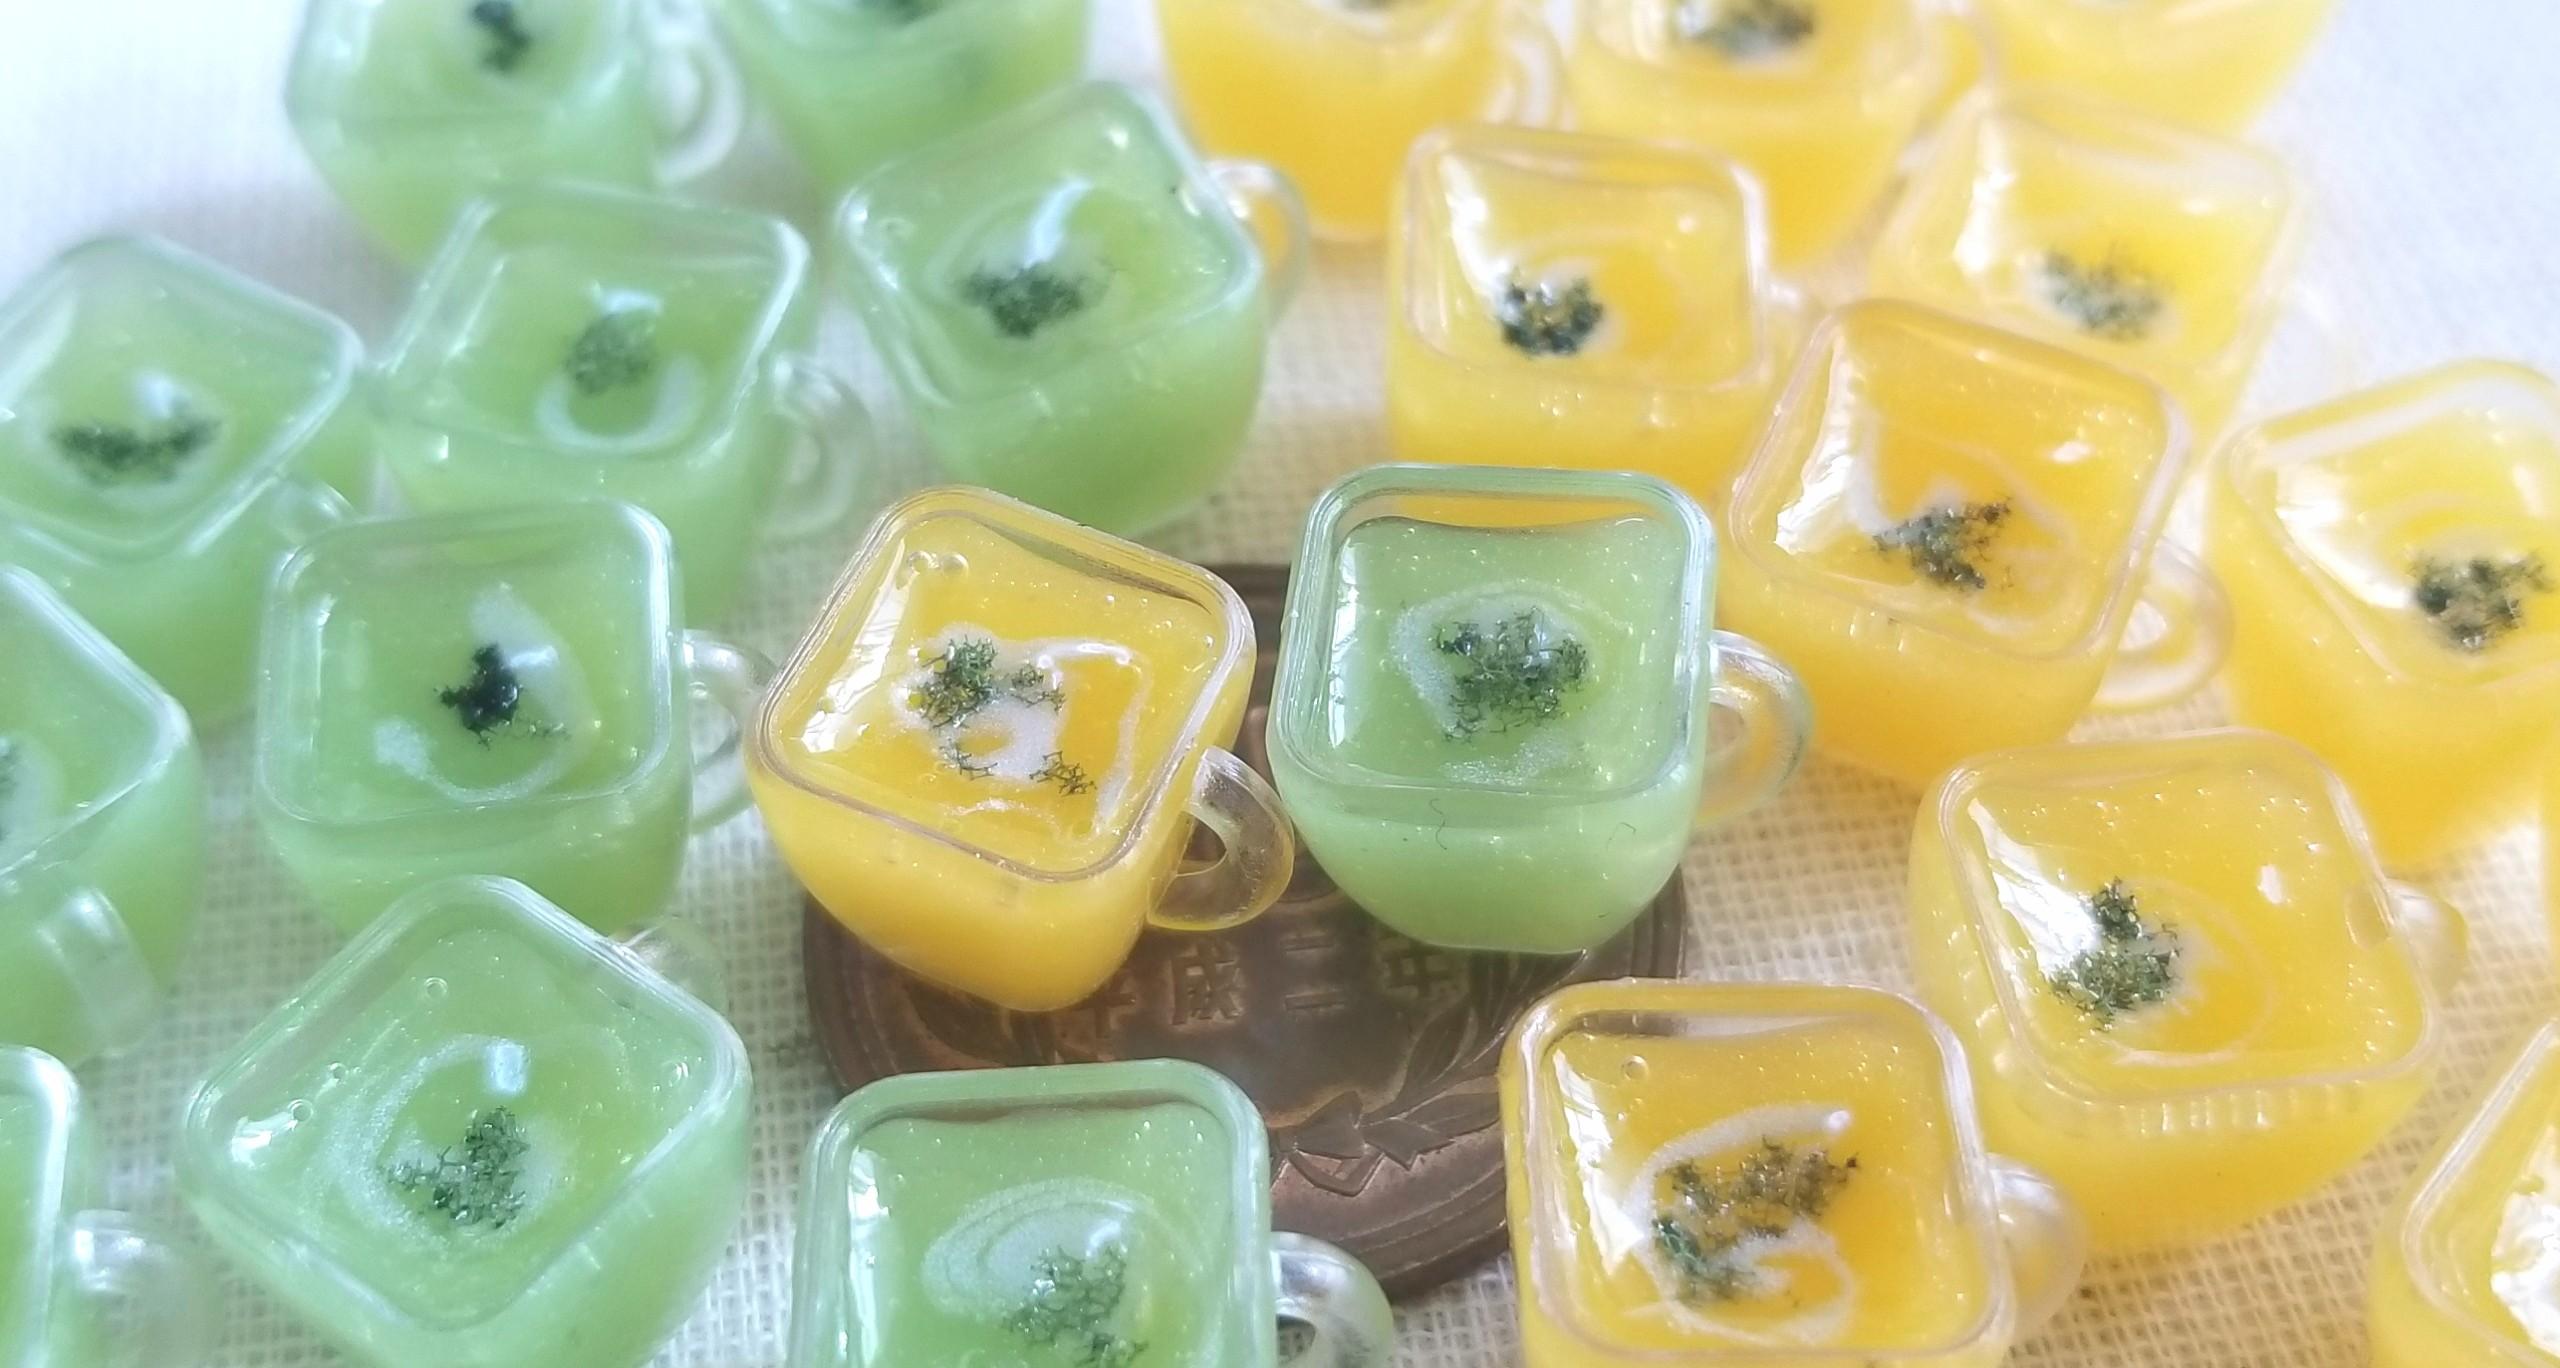 冷製スープ,ミニチュアフード,レジン,枝豆,食品サンプル,ミンネ